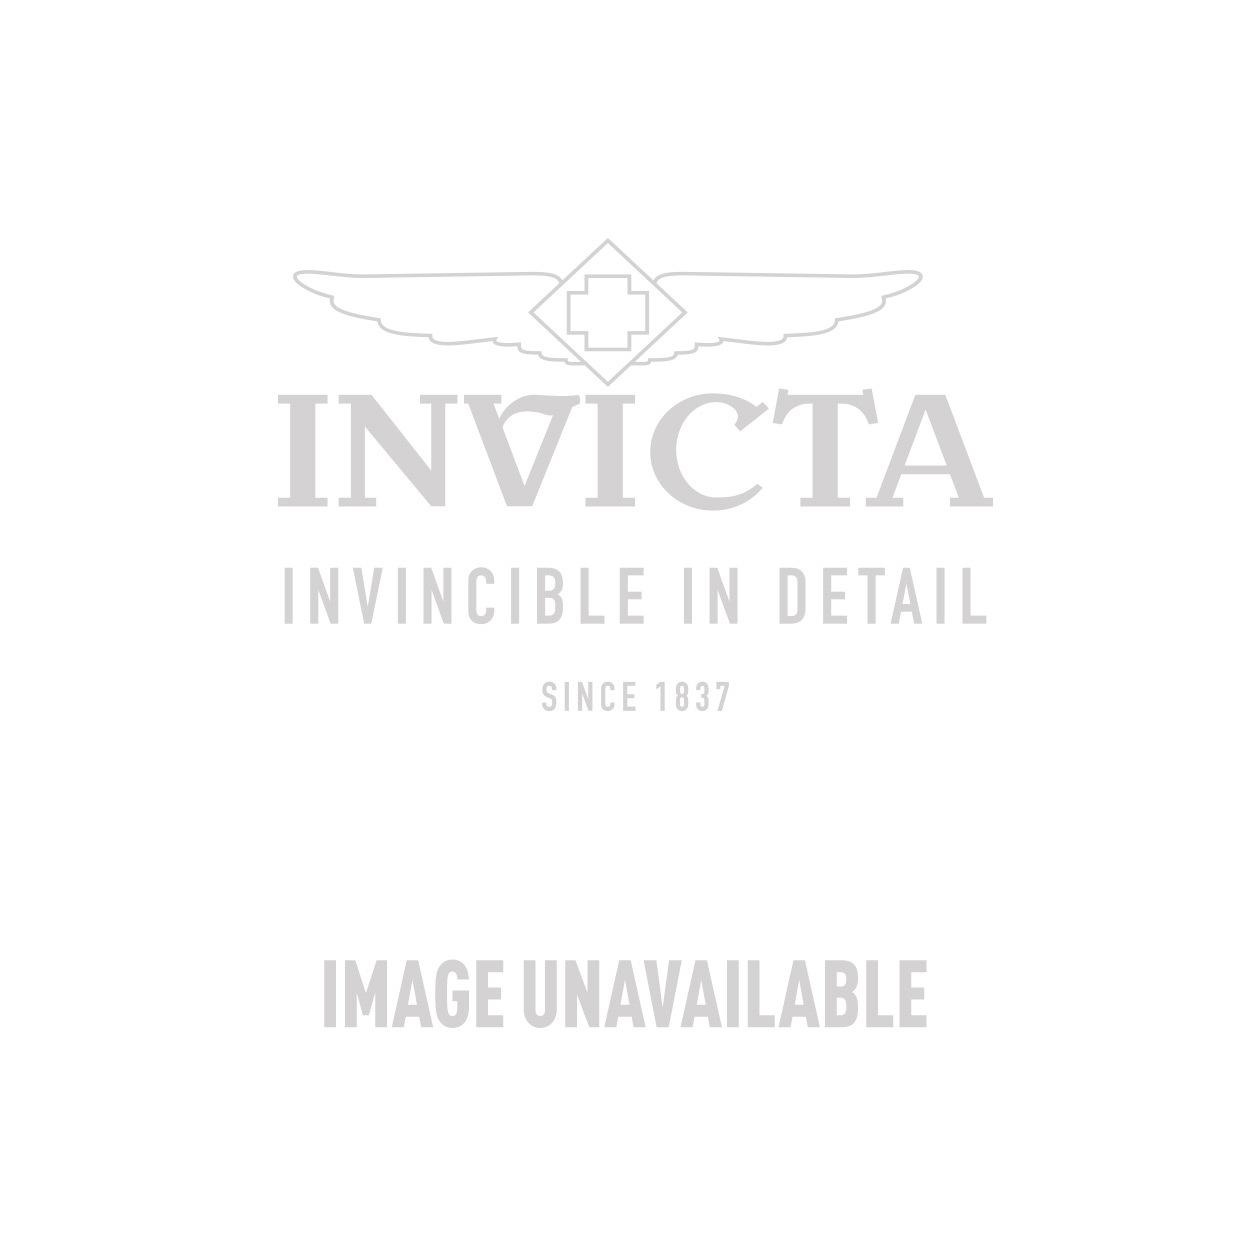 Invicta Model 28149